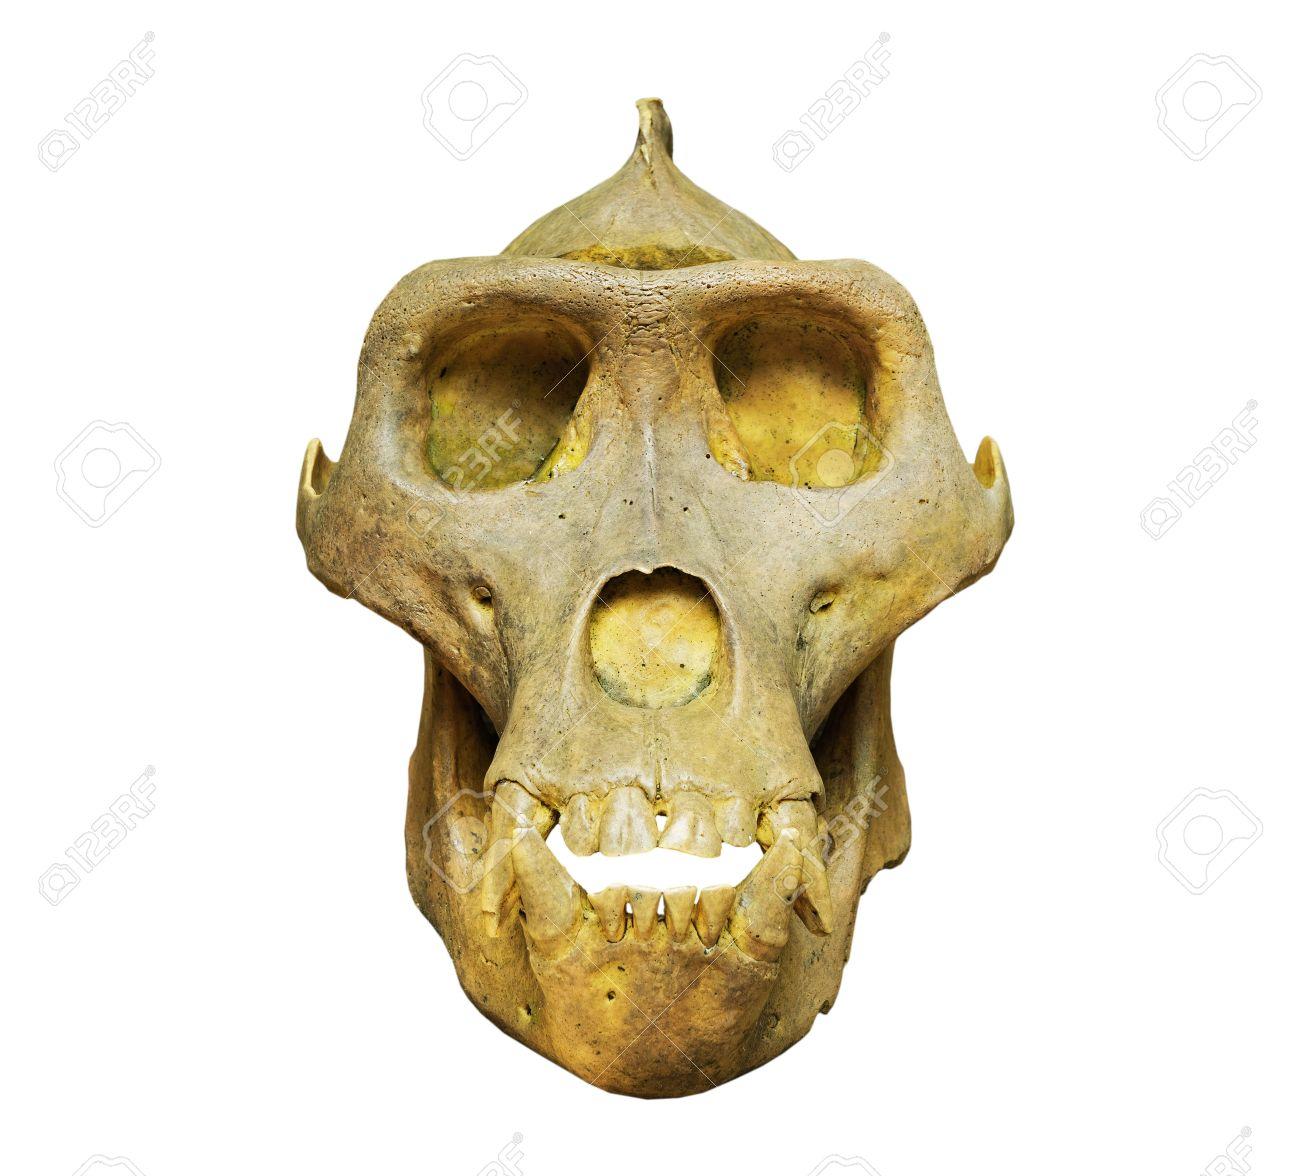 El Cráneo De Gorila En El Fondo Blanco Fotos, Retratos, Imágenes Y ...